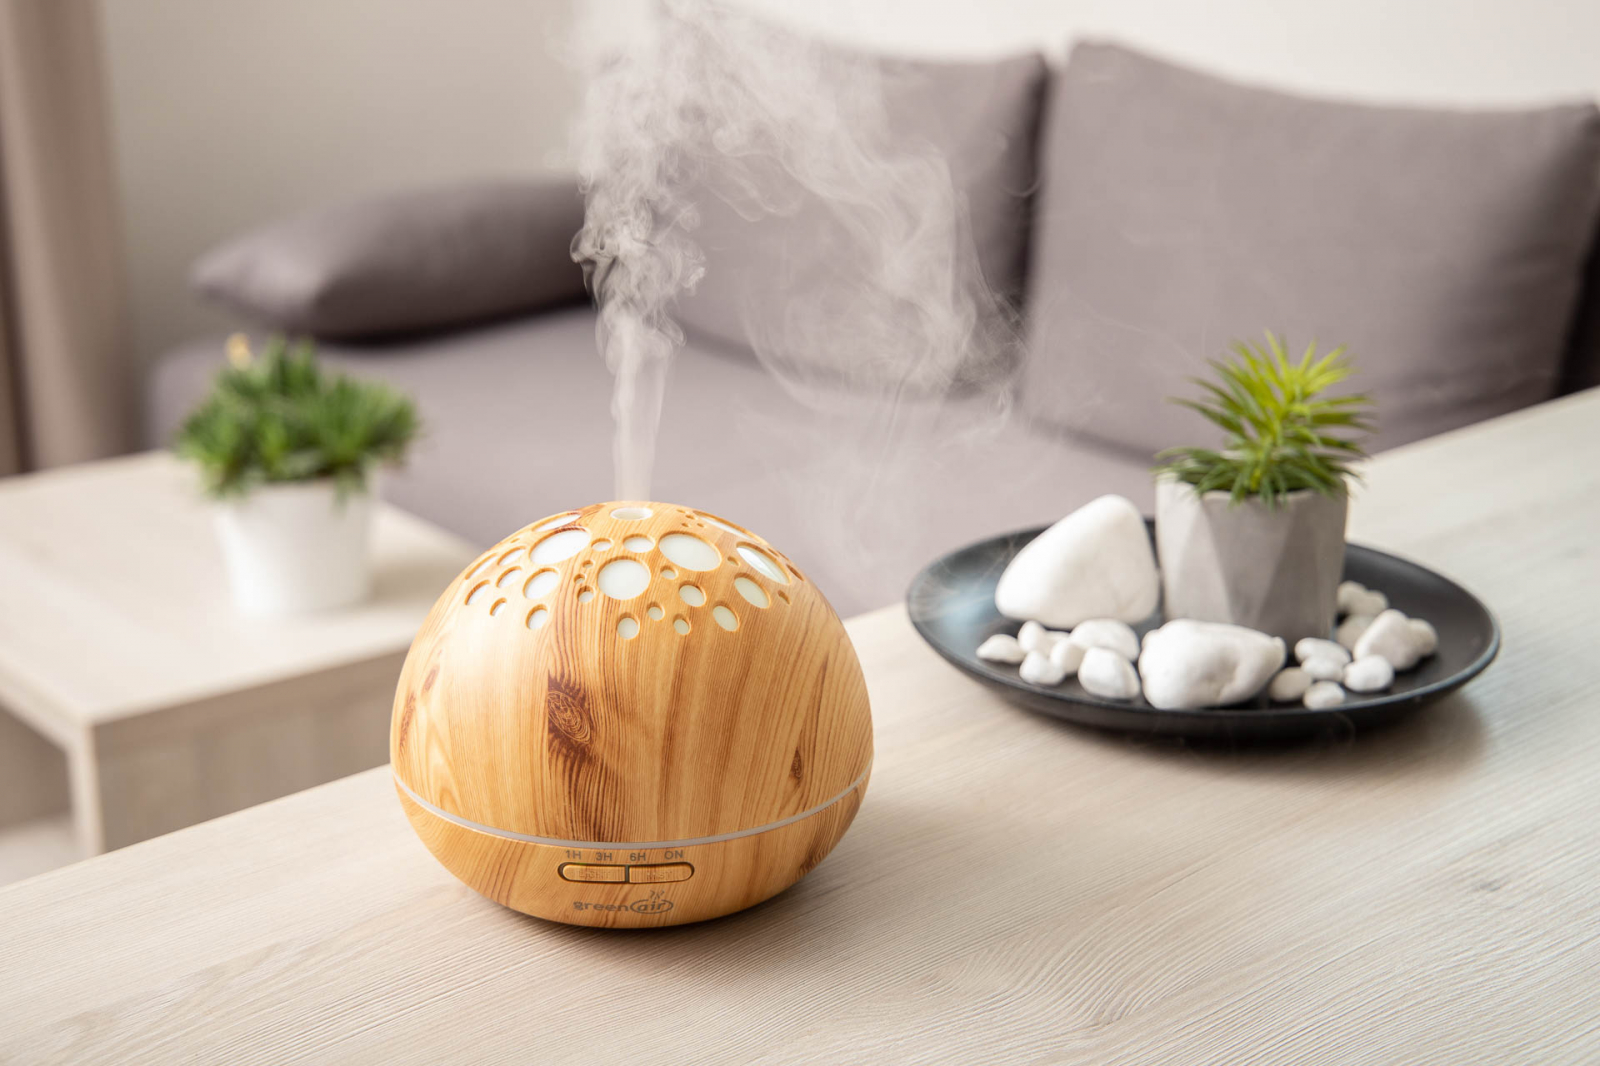 Difuzoare aromaterapie: tot ce trebuie sa stii despre folosirea lor